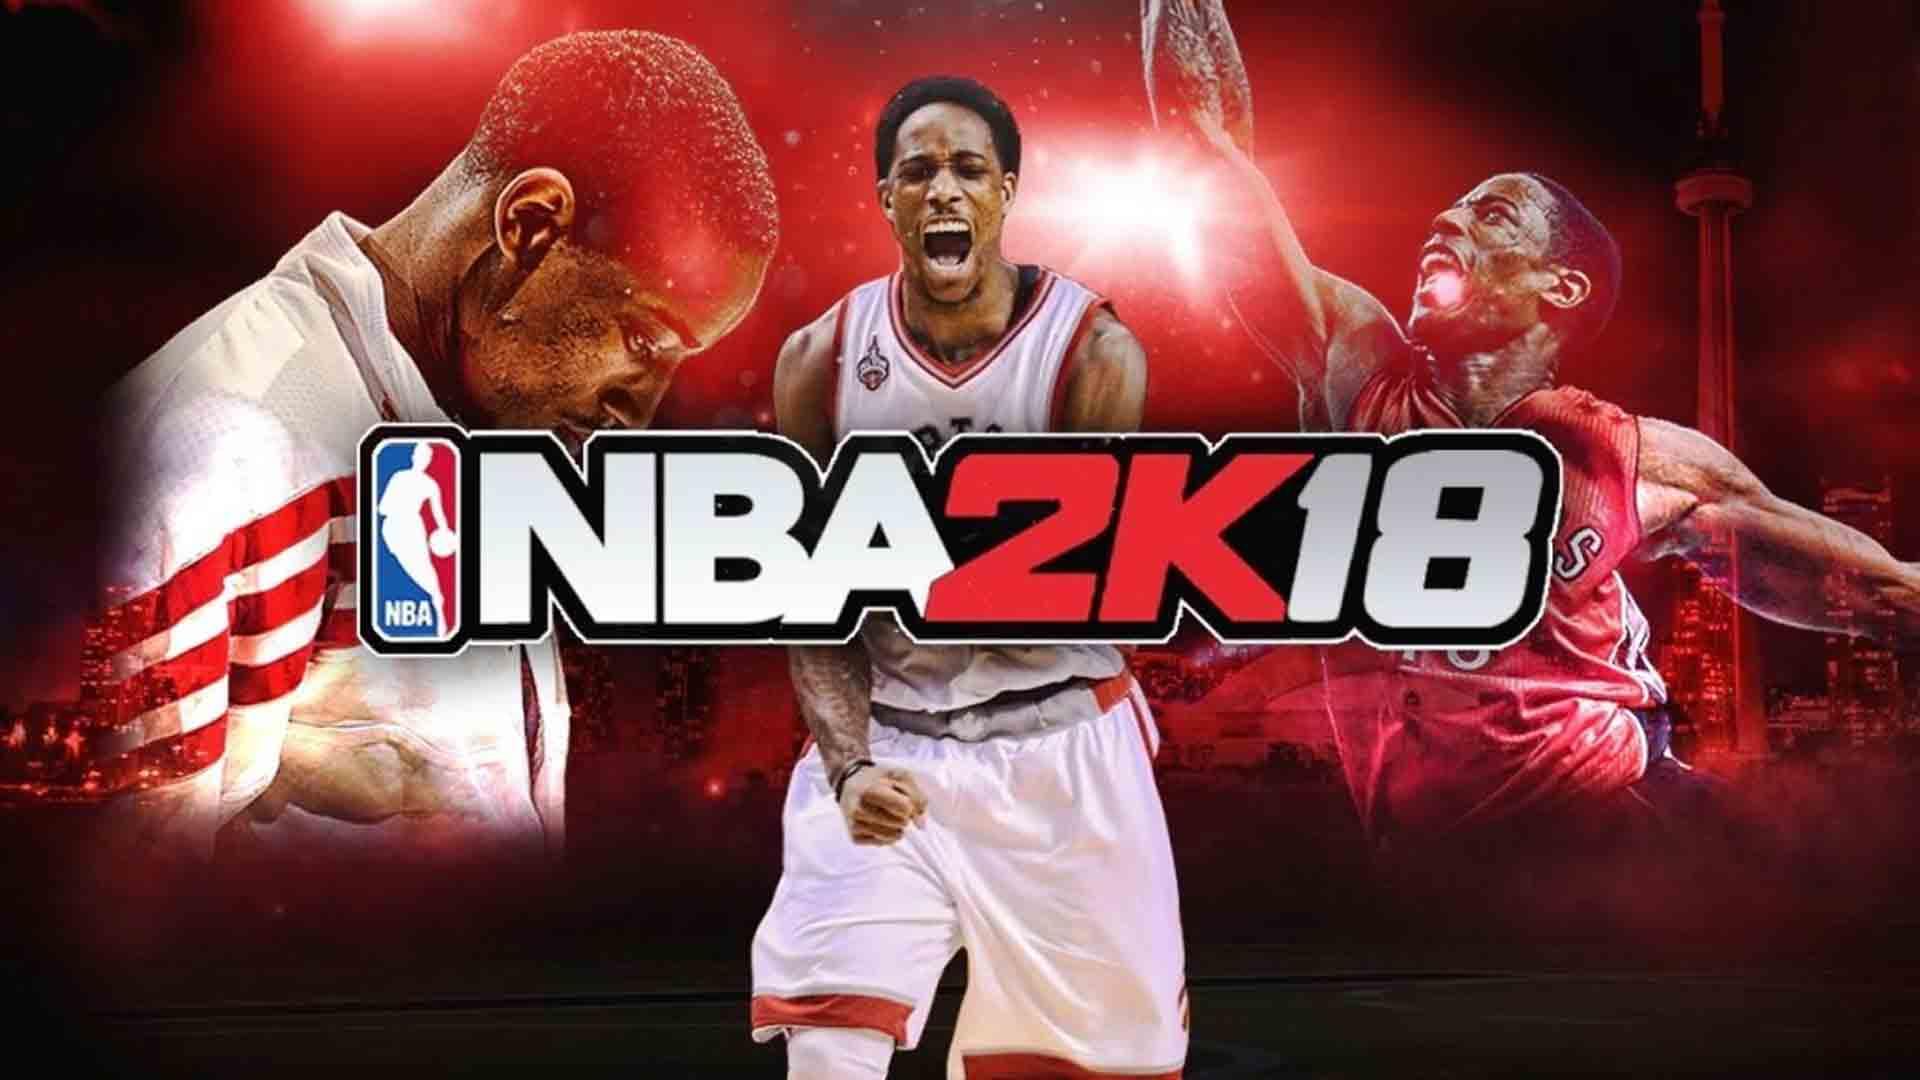 NBA 2K 2018 sur PS4 PS4 Pro